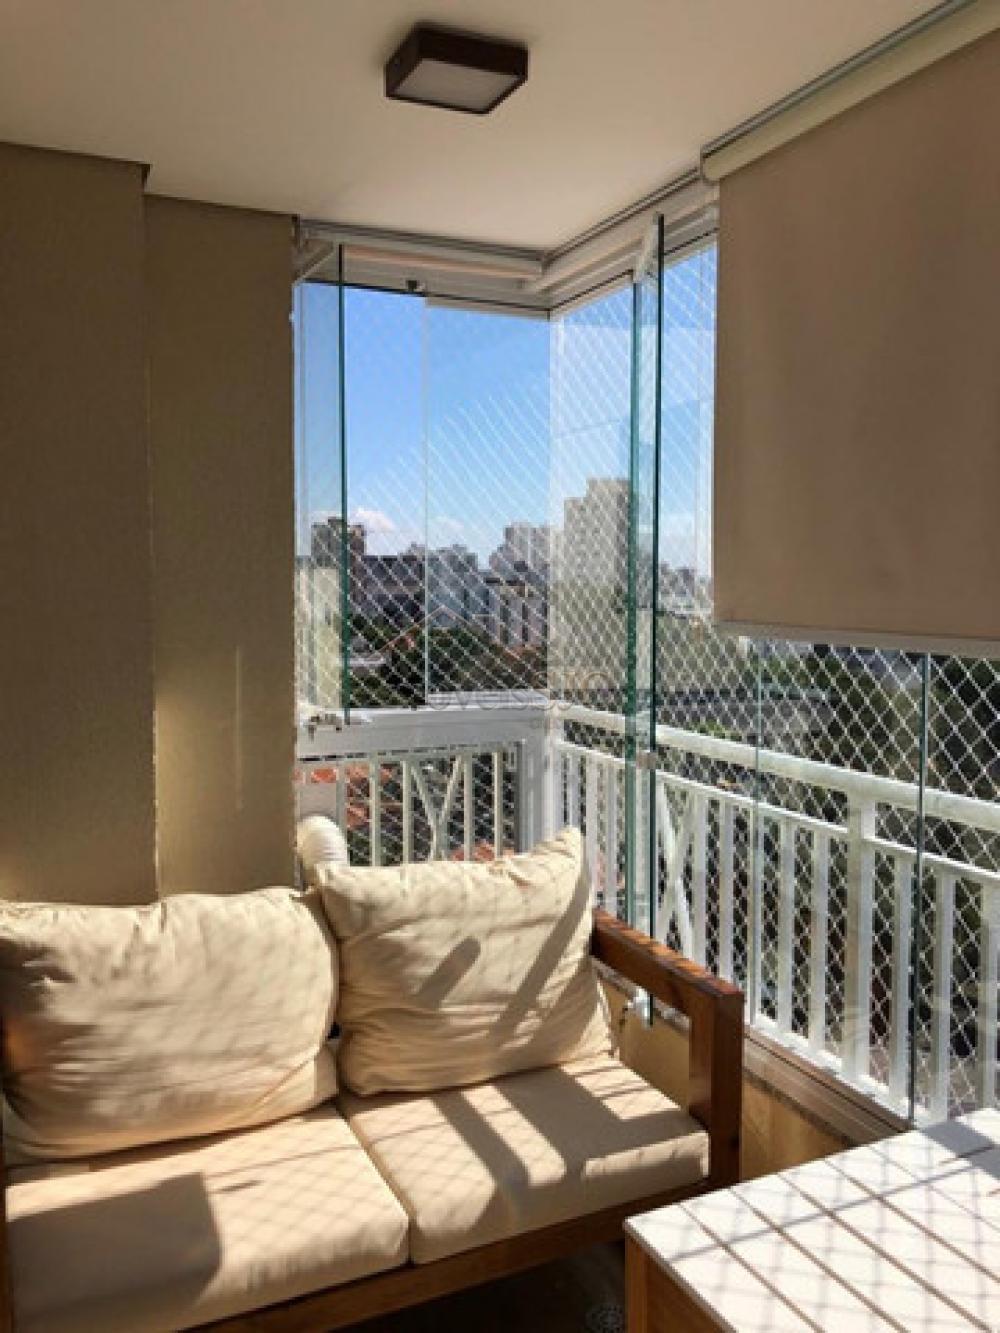 Comprar Apartamentos / Padrão em São José dos Campos R$ 392.000,00 - Foto 7